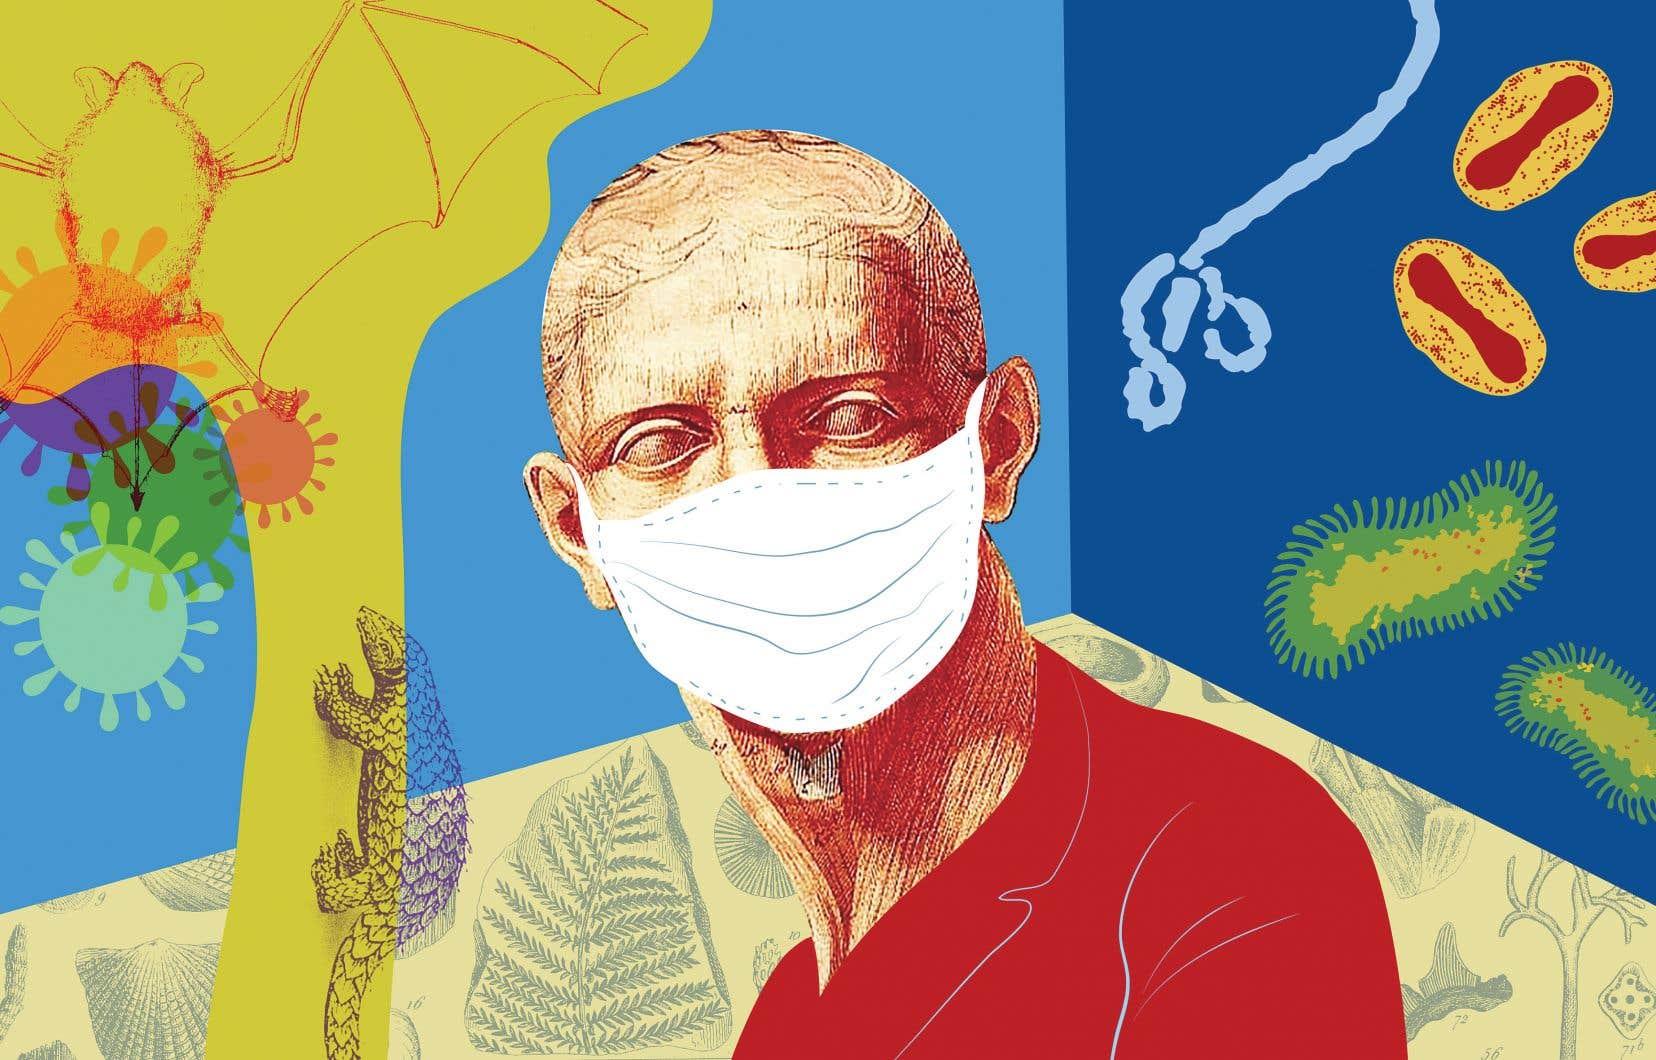 La pensée du médecin Charles Nicolle (1866-1936) mérite une attention renouvelée. Confrontés à la pandémie actuelle, nous mesurons à quel point nous n'avons toujours pas tiré les conséquences d'une vision écologique des maladies infectieuses dont Nicolle a été l'un des promoteurs pour organiser nos sociétés, bien au contraire.